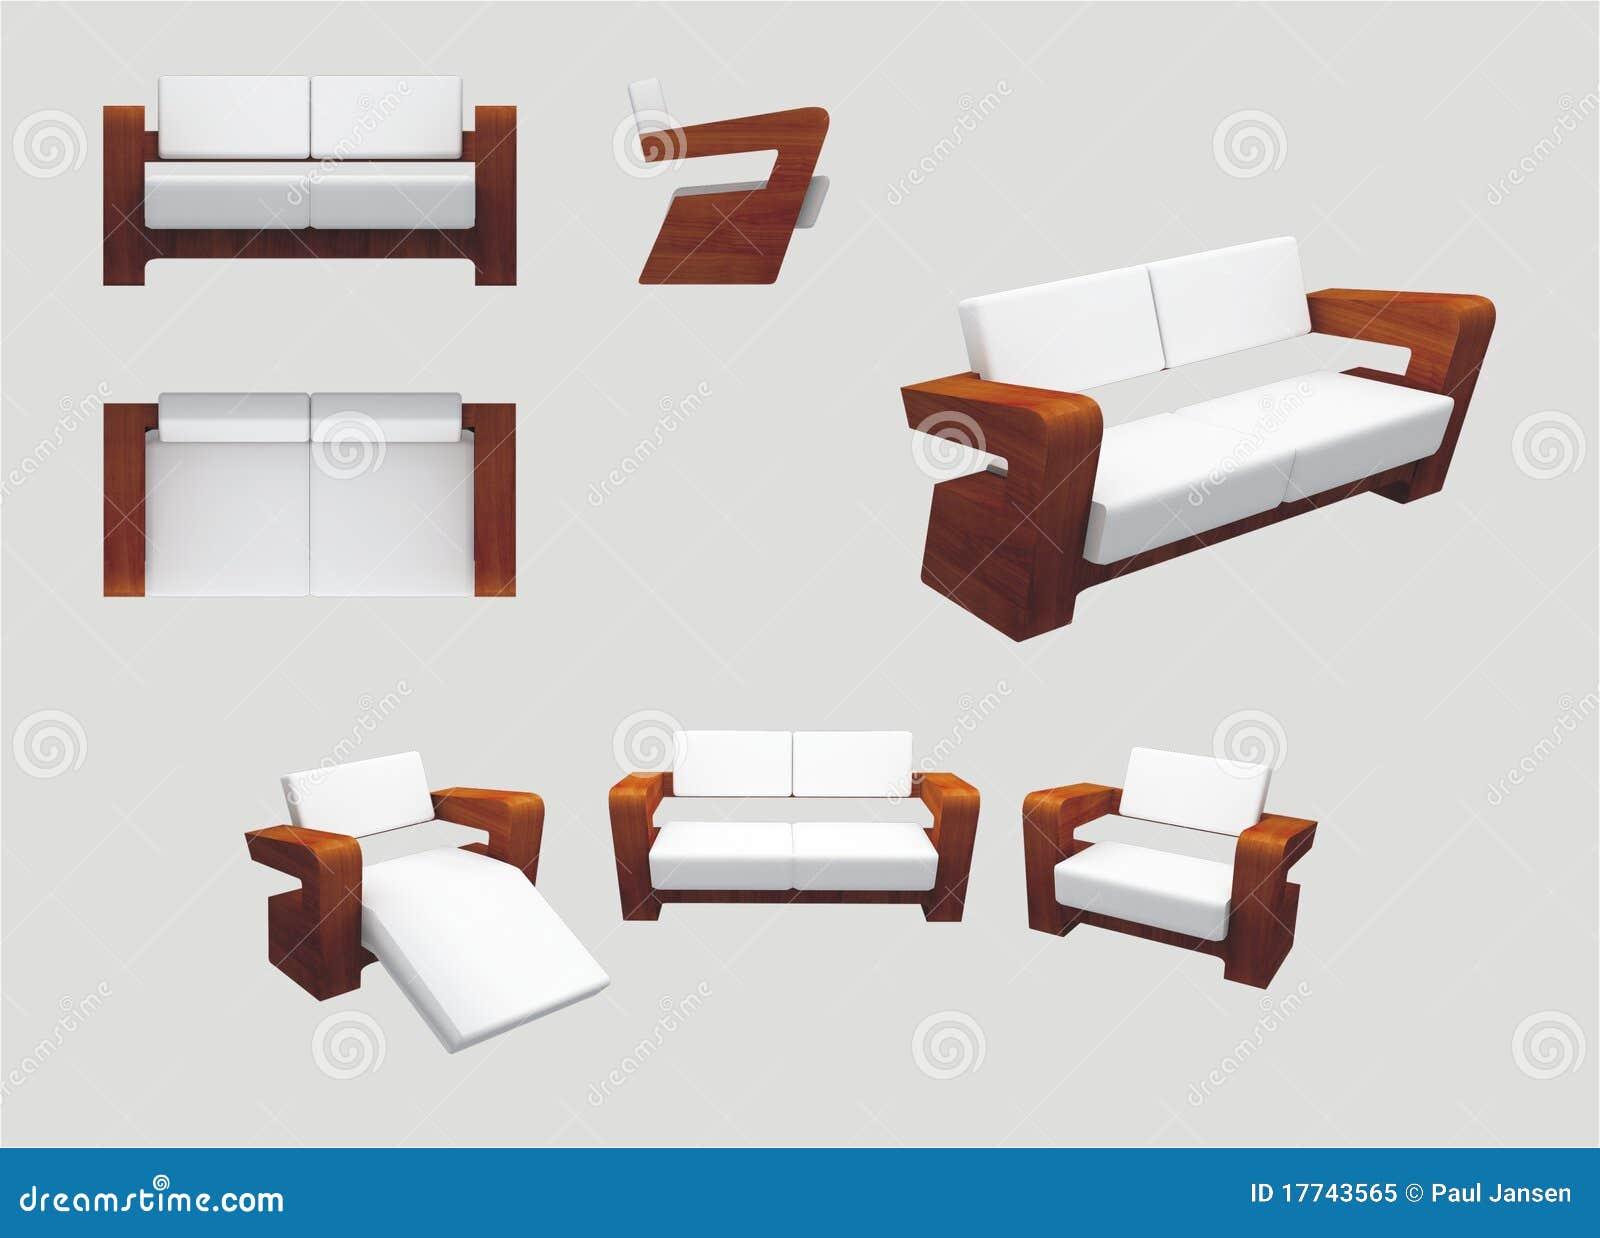 Muebles modernos para la relajaci n foto de archivo libre - Disenadores de muebles modernos ...